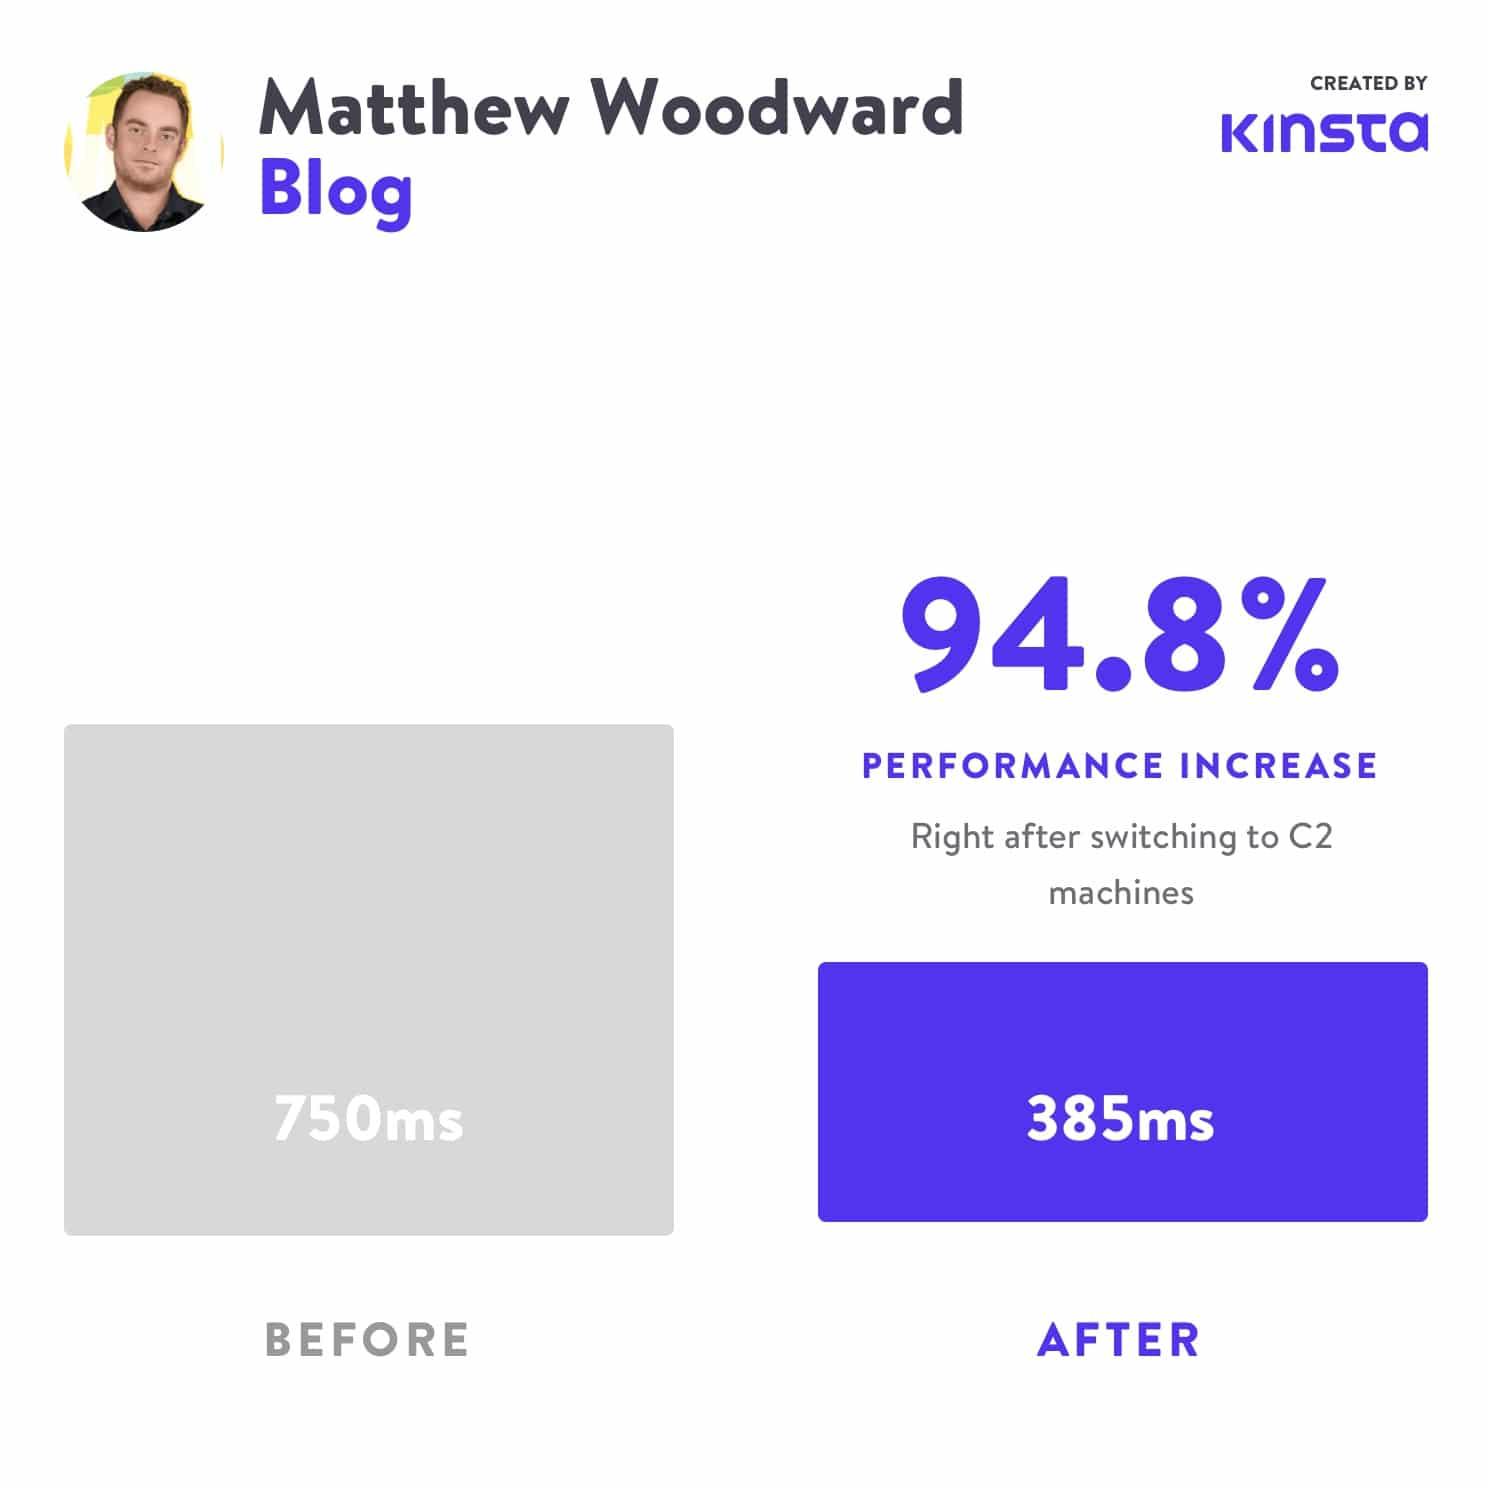 Matthew Woodward sah eine Leistungssteigerung von 94,8 %, nachdem er auf C2 gewechselt hatte.